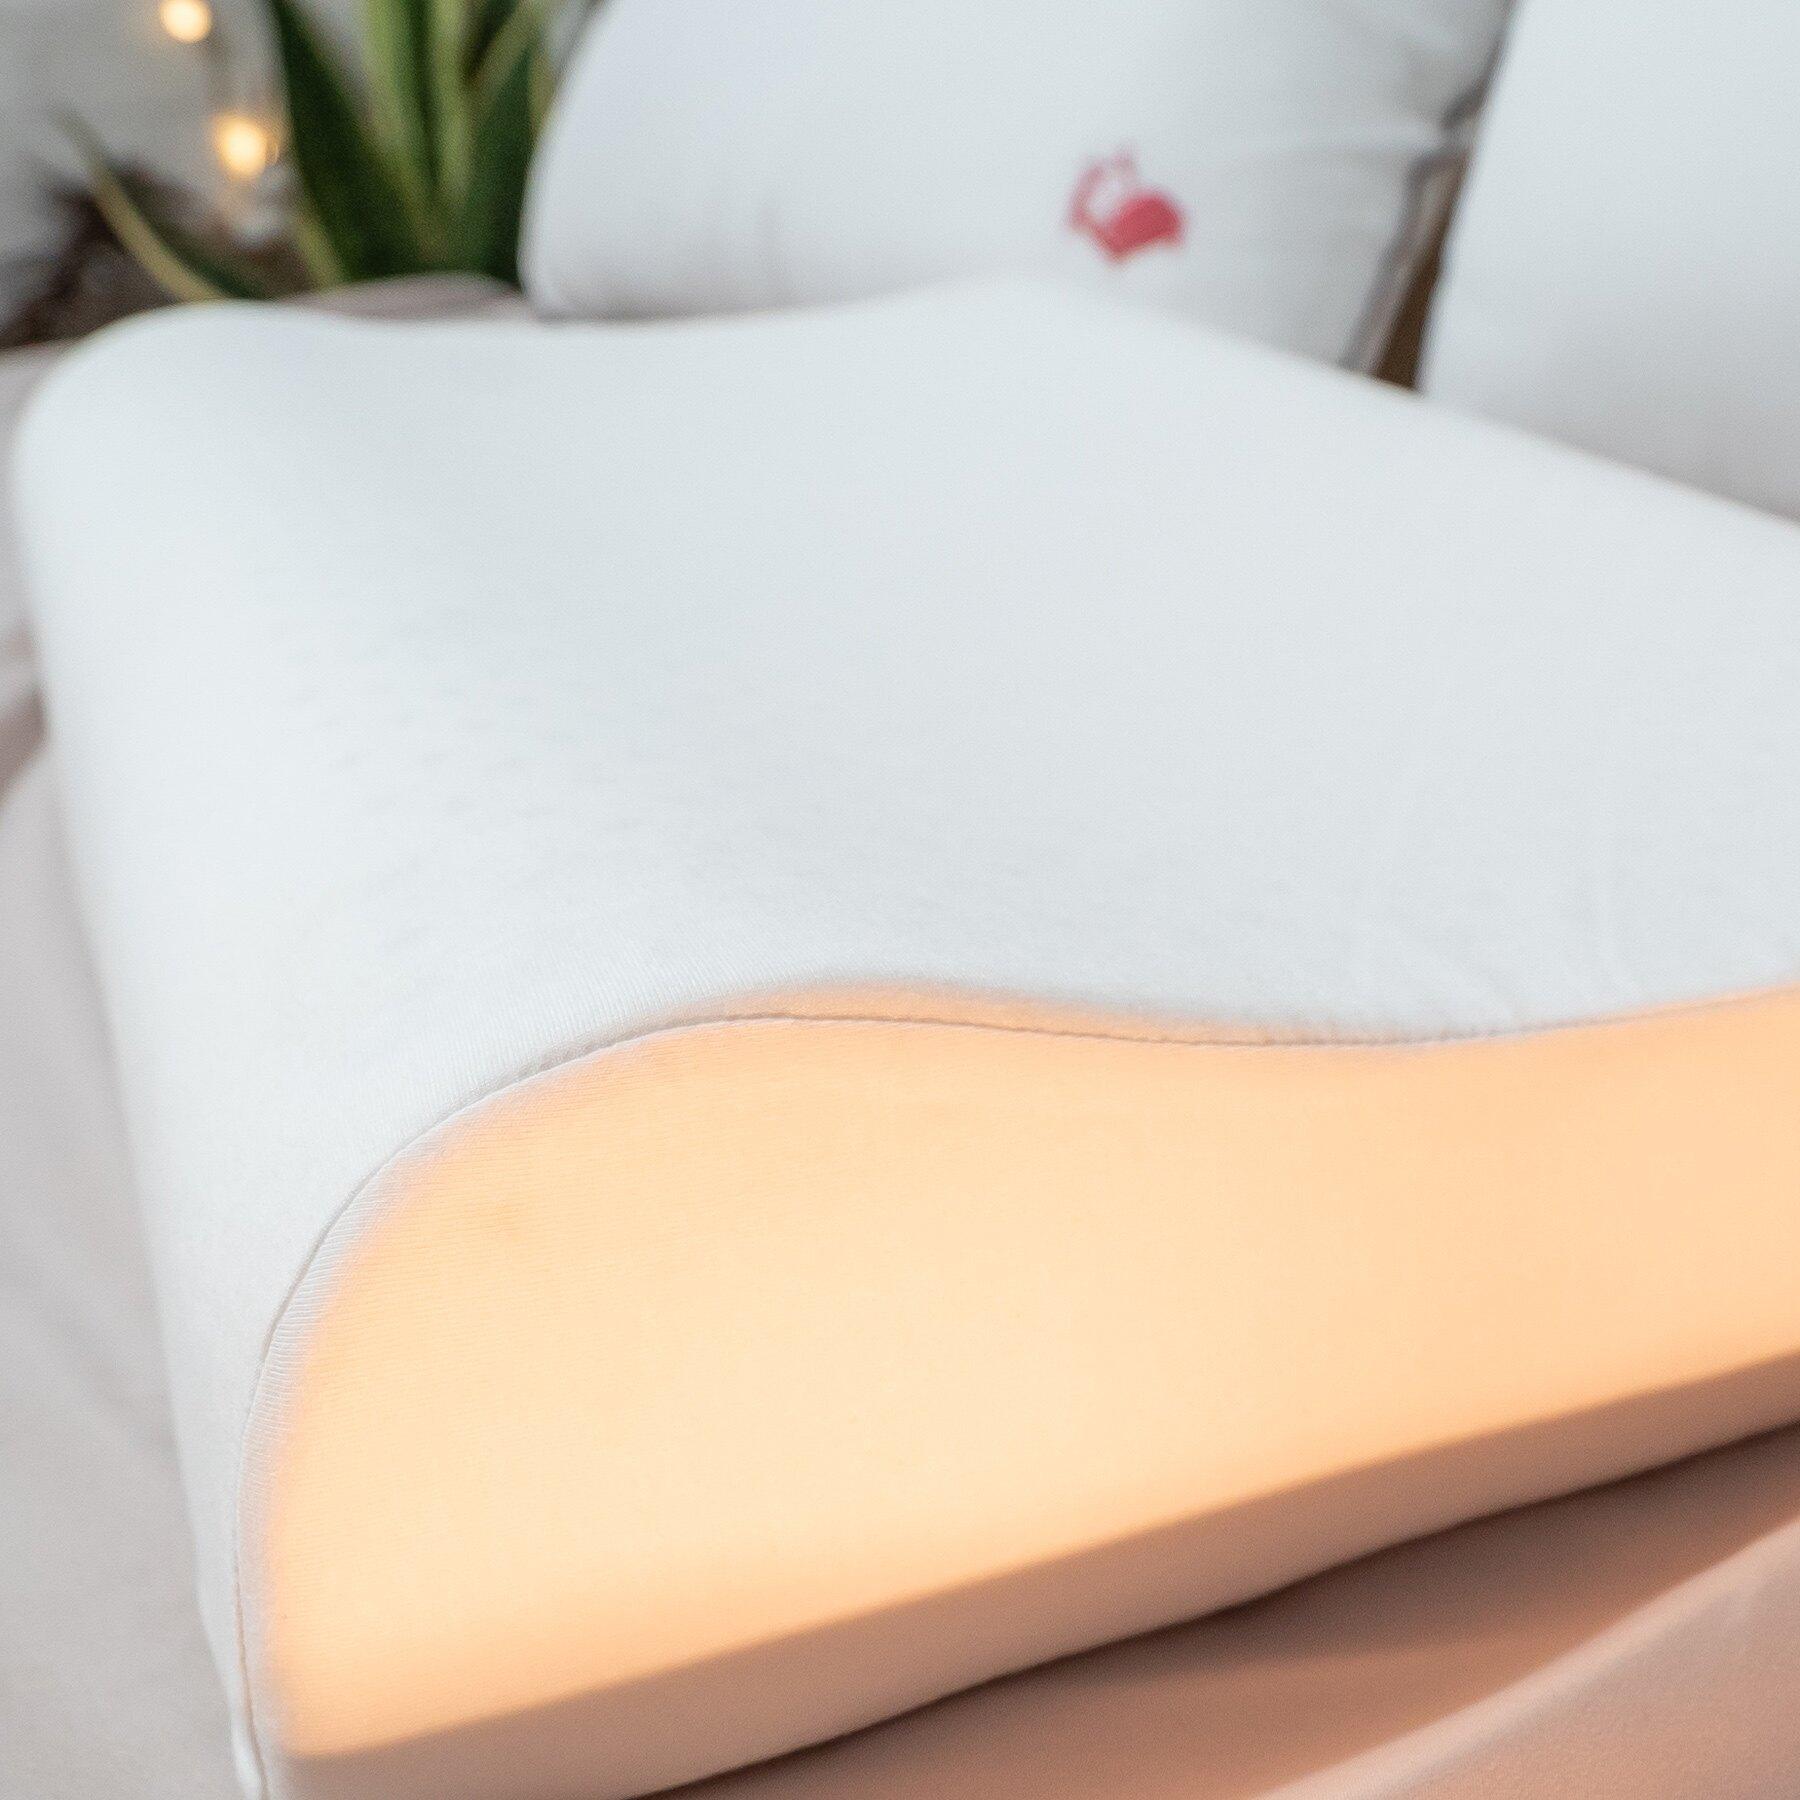 蜂巢工學乳膠枕 60cm X 40cm X 12cm 【透氣性好、支撐性佳、人體工學曲線】台灣製